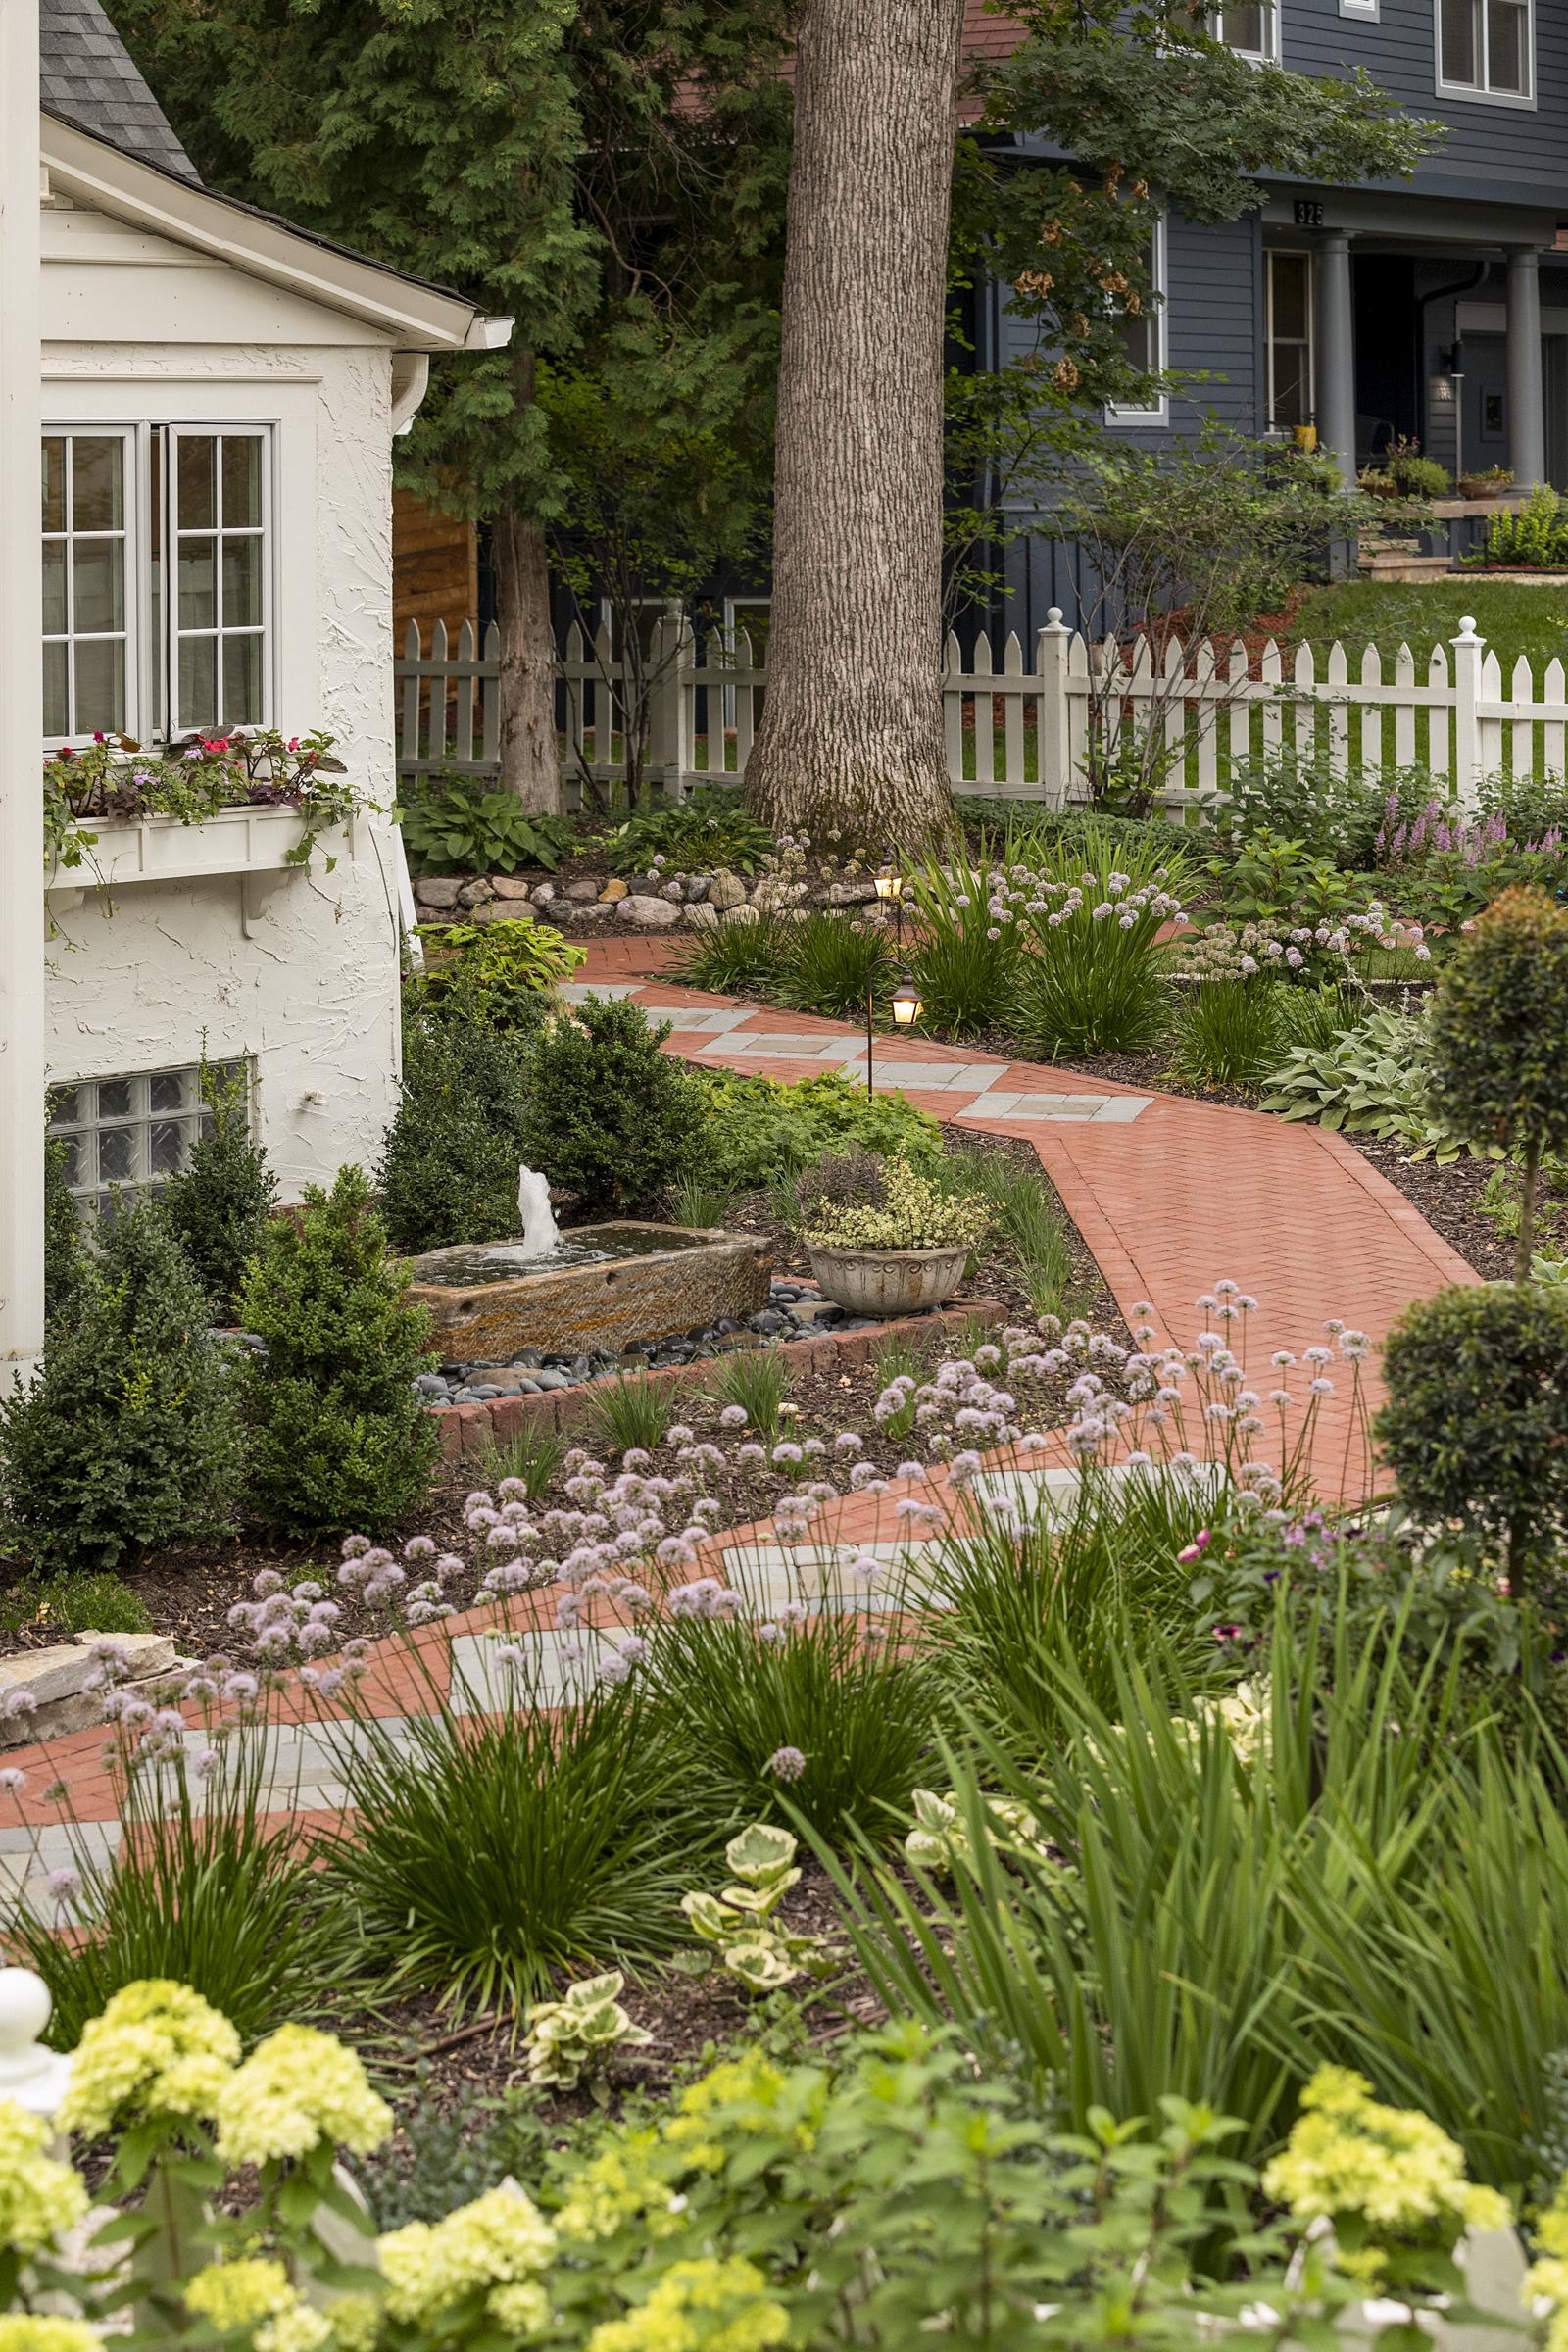 Mom's Design Build - Red Paver Garden Walkway